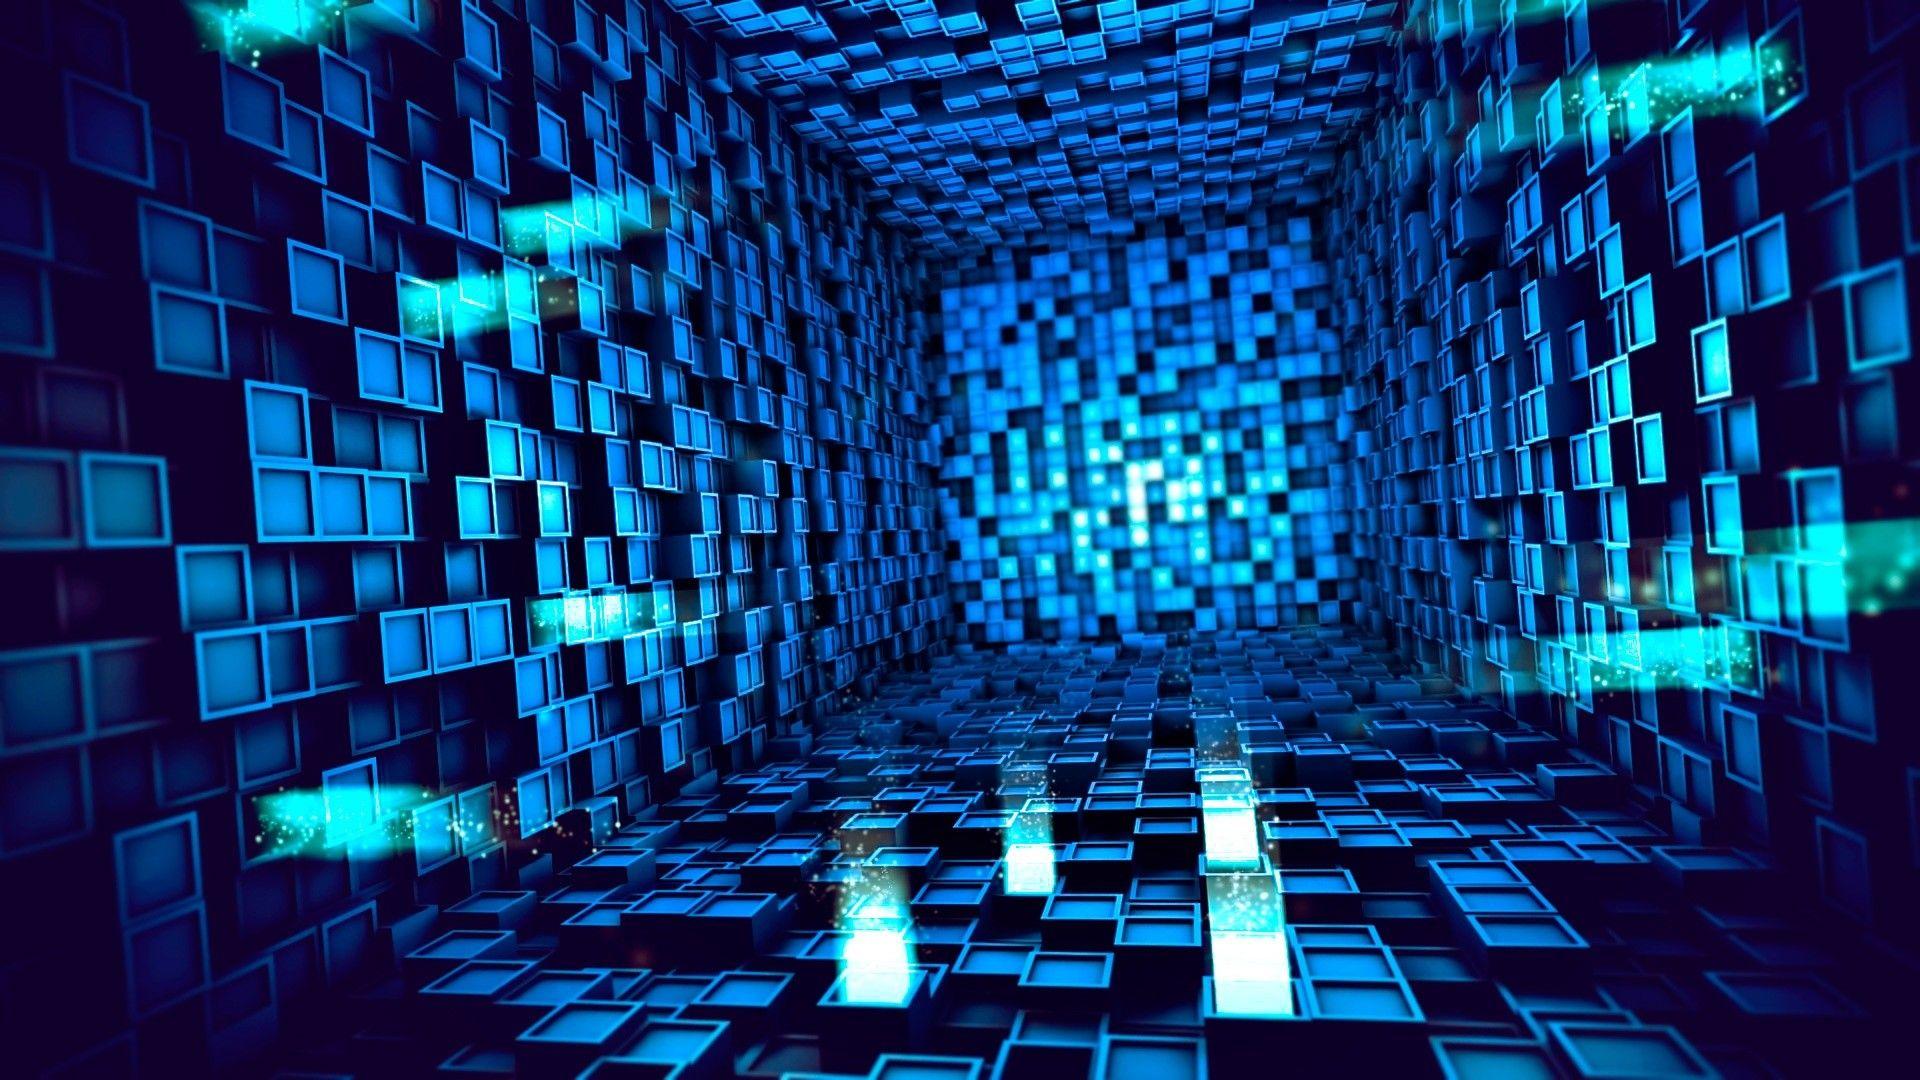 Res 1920x1080 Tech Wallpaper Hd Hi Tech Wallpaper Technology Wallpaper Desktop Wallpaper